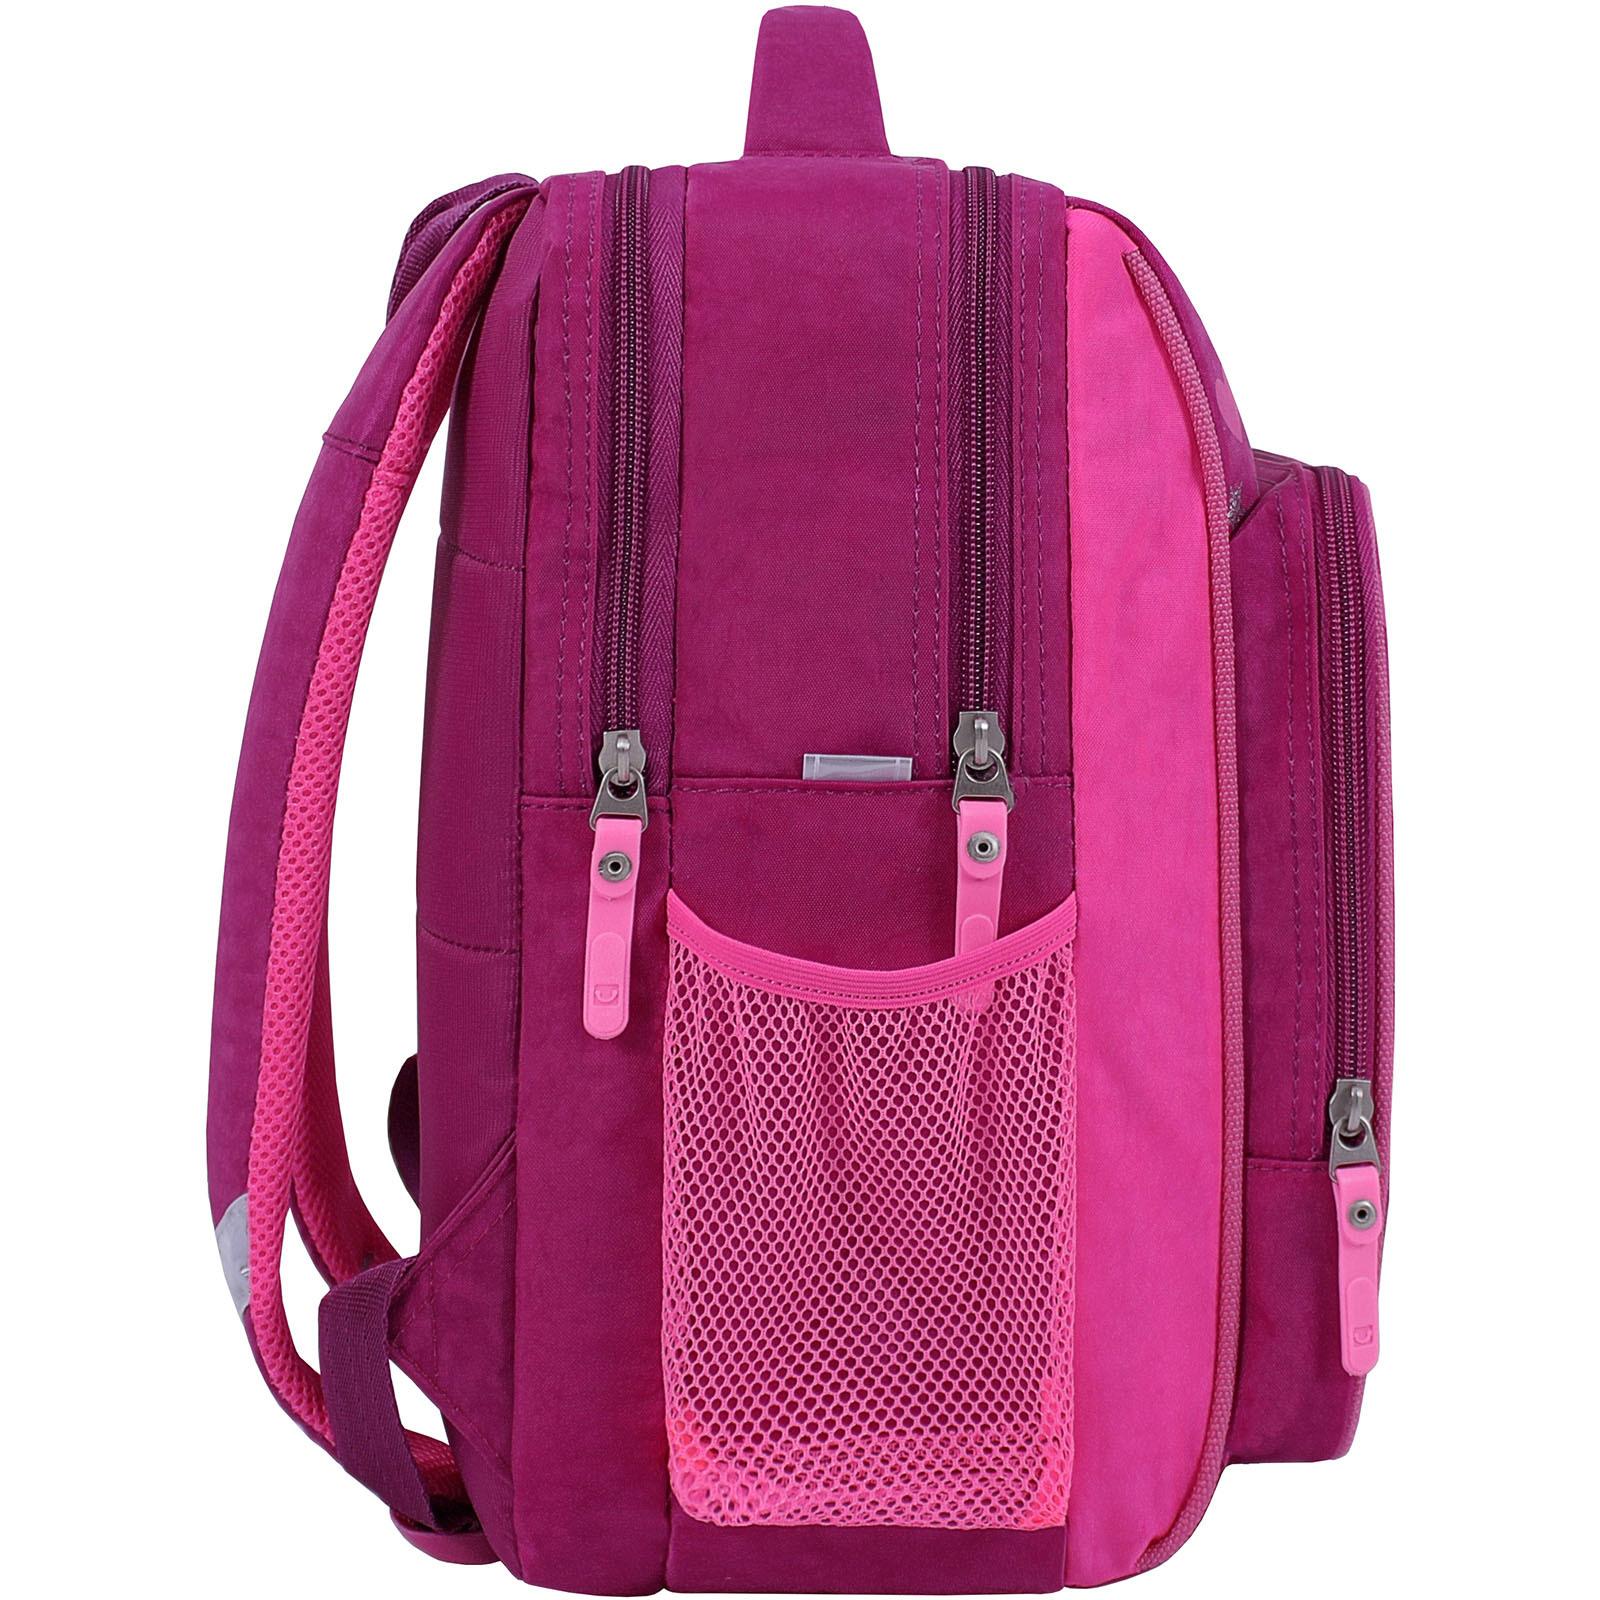 Рюкзак школьный Bagland Школьник 8 л. 143 малина 504 (00112702) фото 2